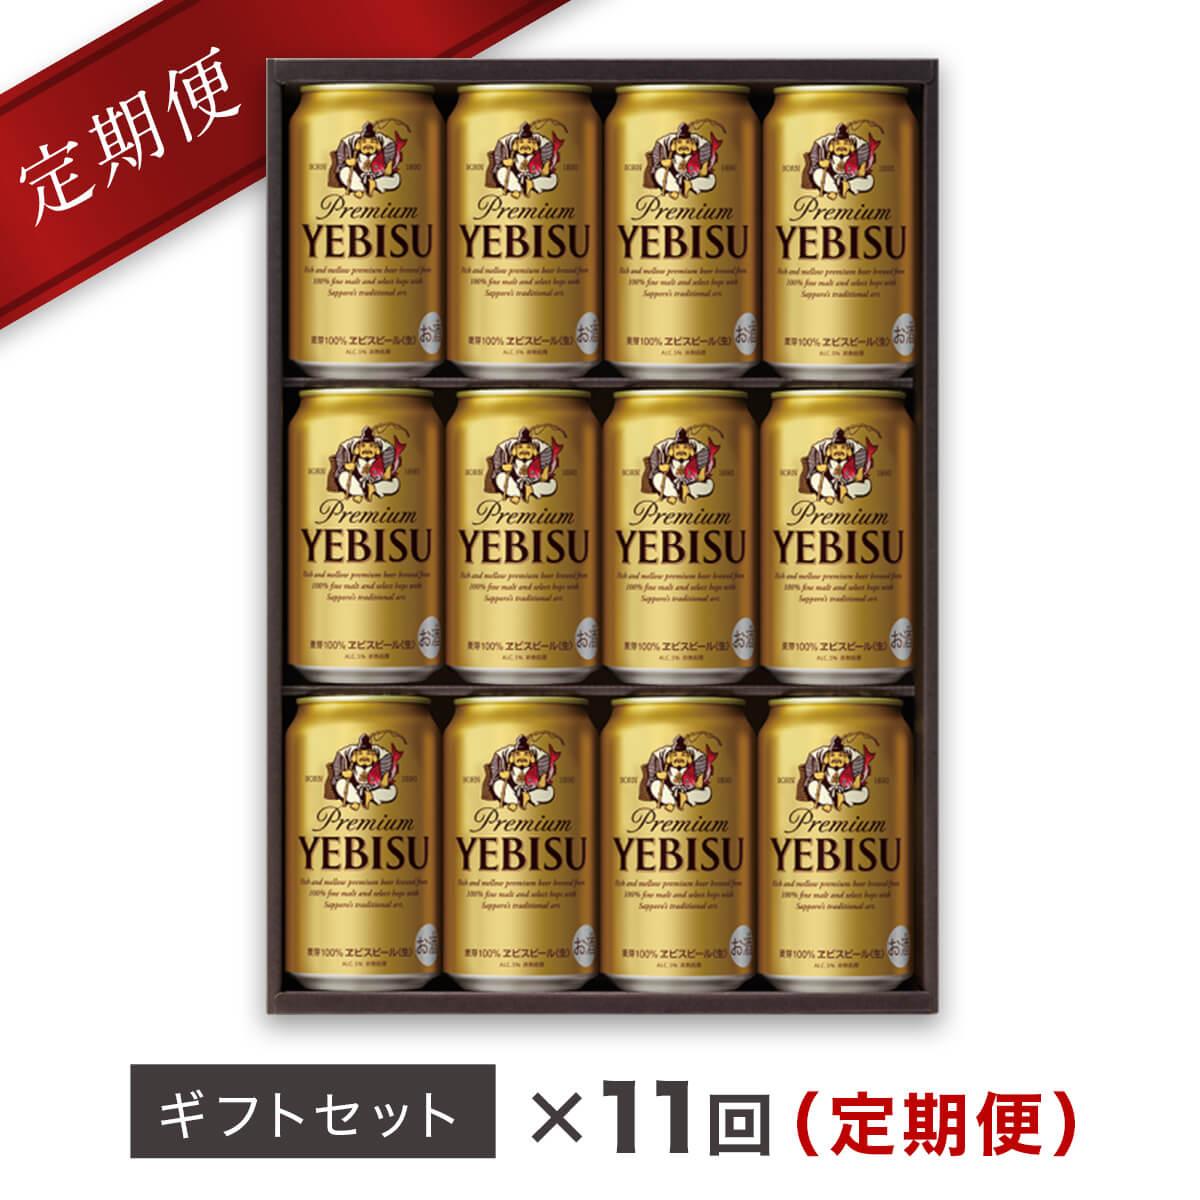 【ふるさと納税】地元名取生産ヱビスビール 350ml×12本セット 定期便11回